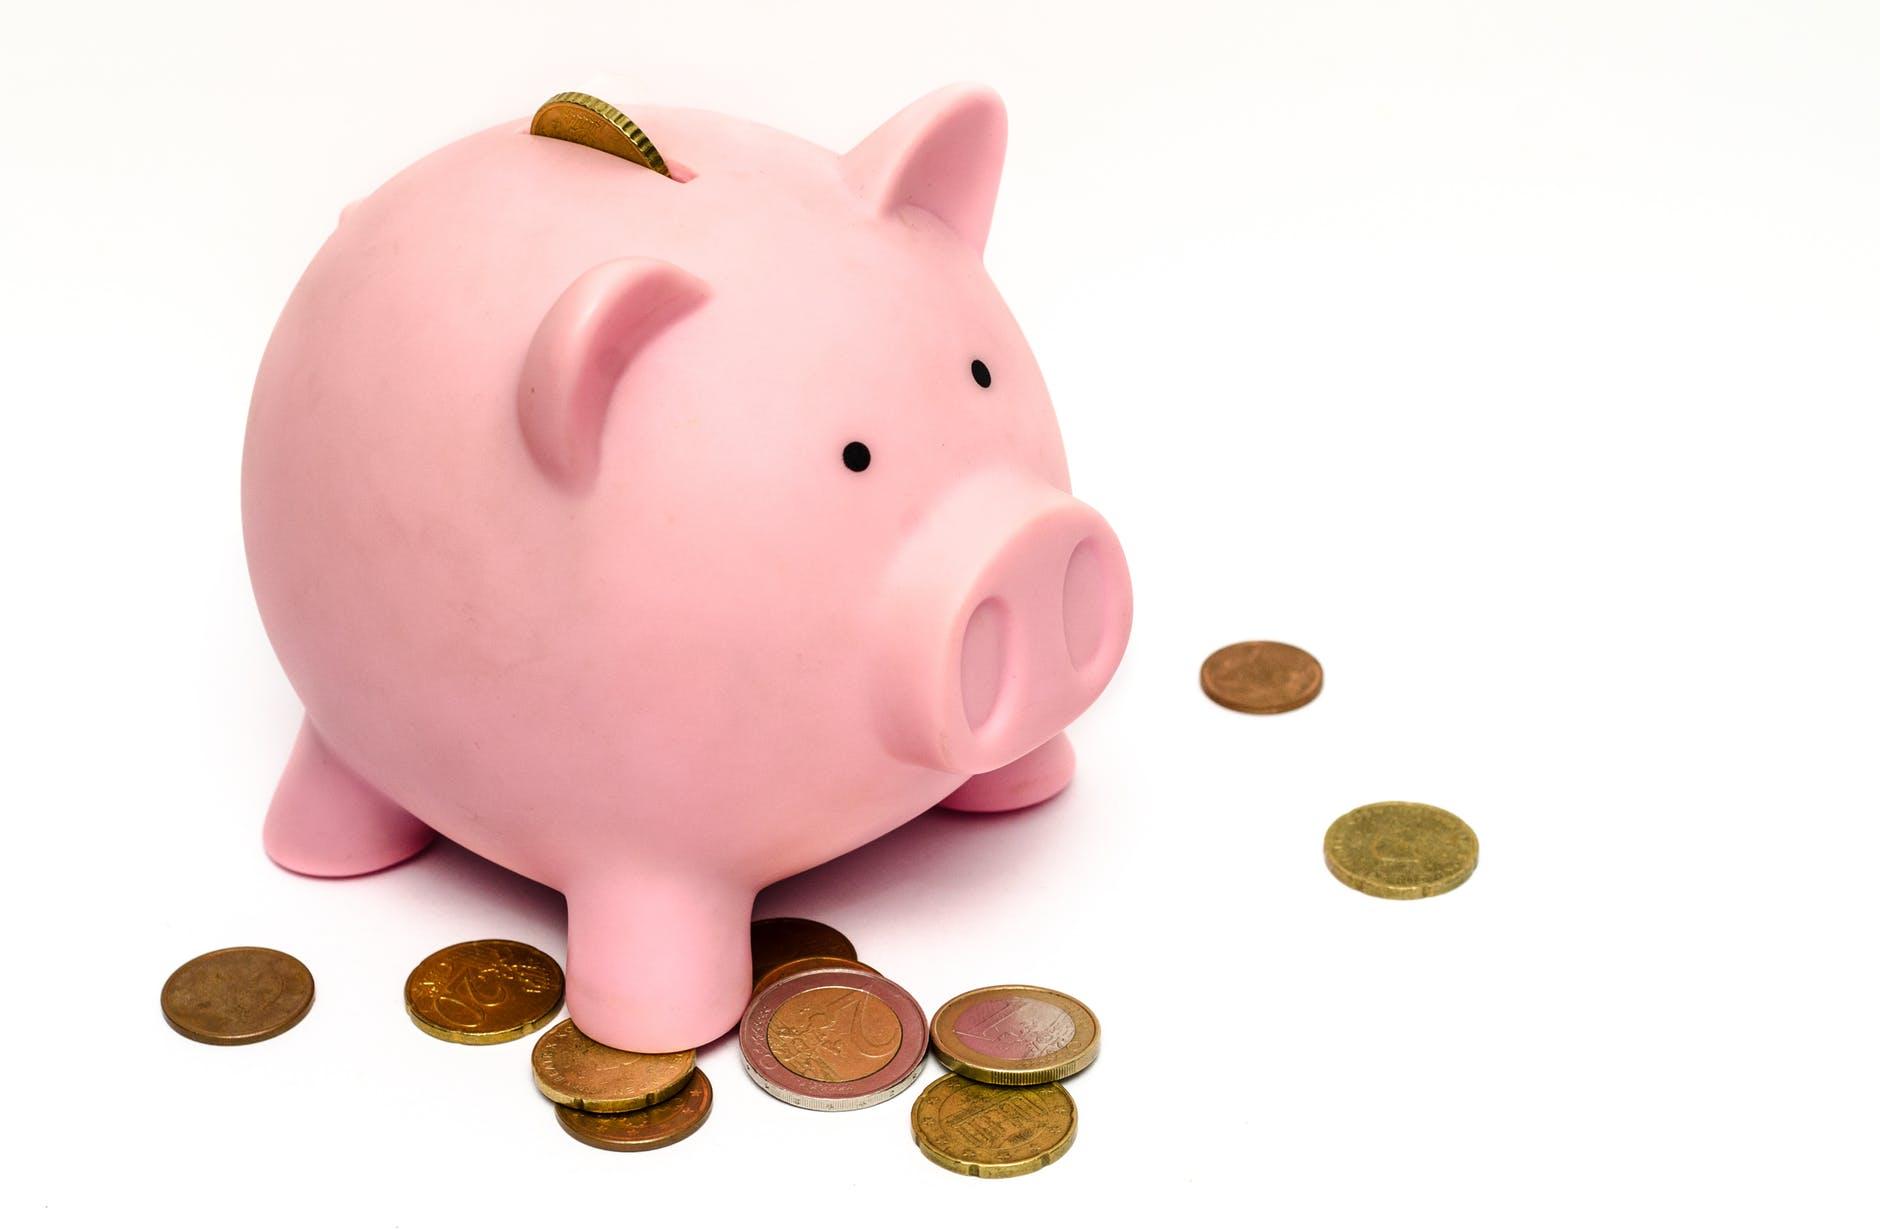 Taxa de Conveniência - Foto de um cofrinho de porco com moedas